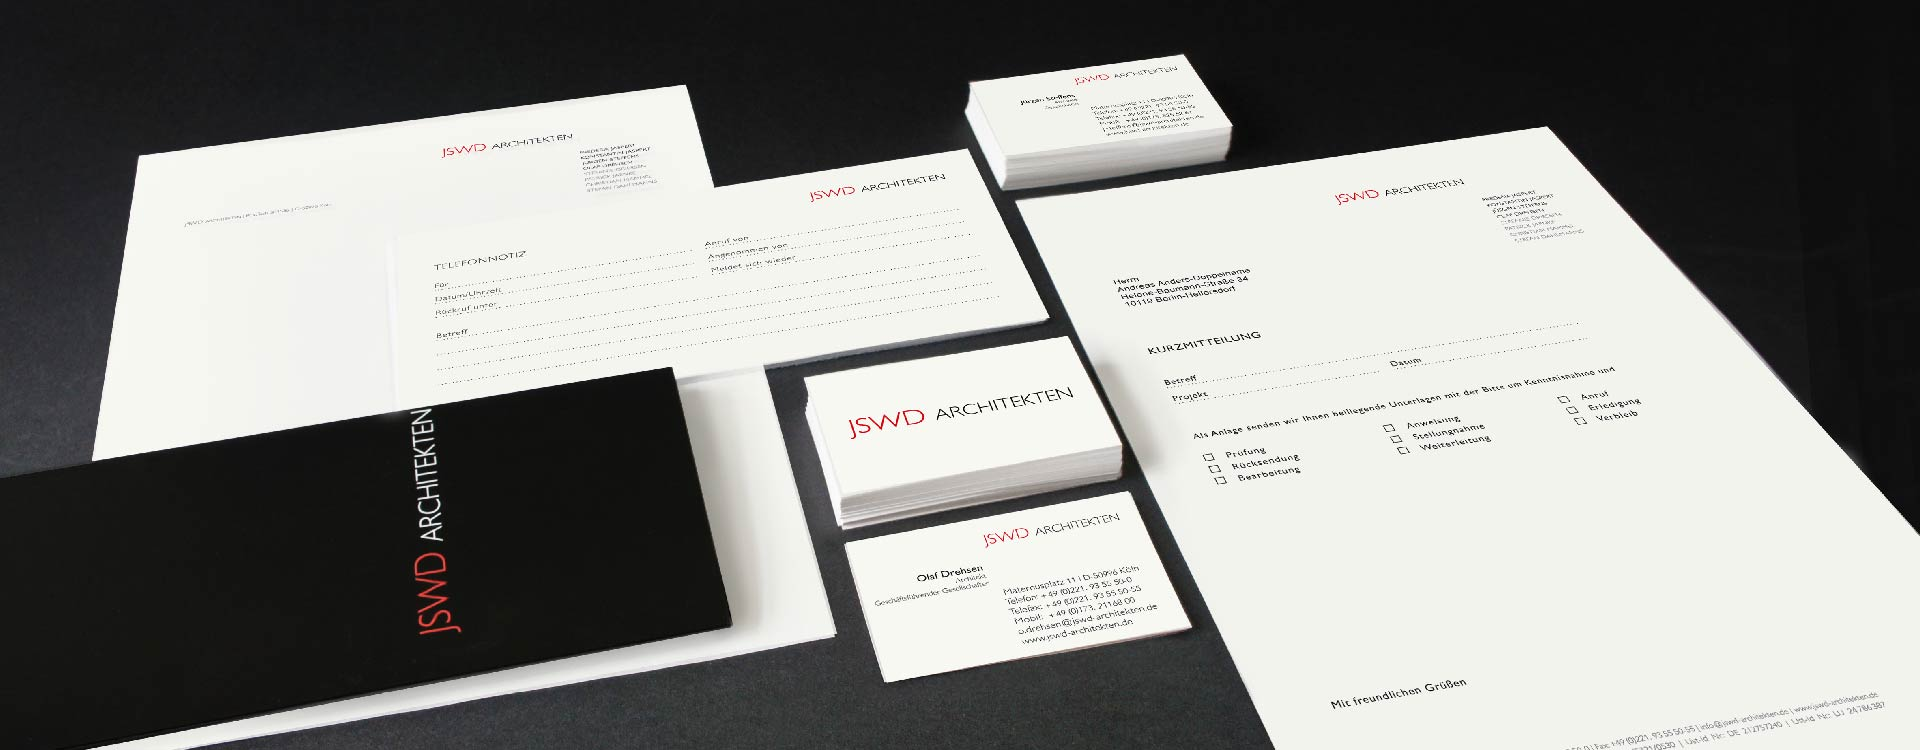 Logo, business cards, letter-headed paper, and leaflet for JSWD Architekten, Köln; Design: Kattrin Richter | Graphic Design Studio